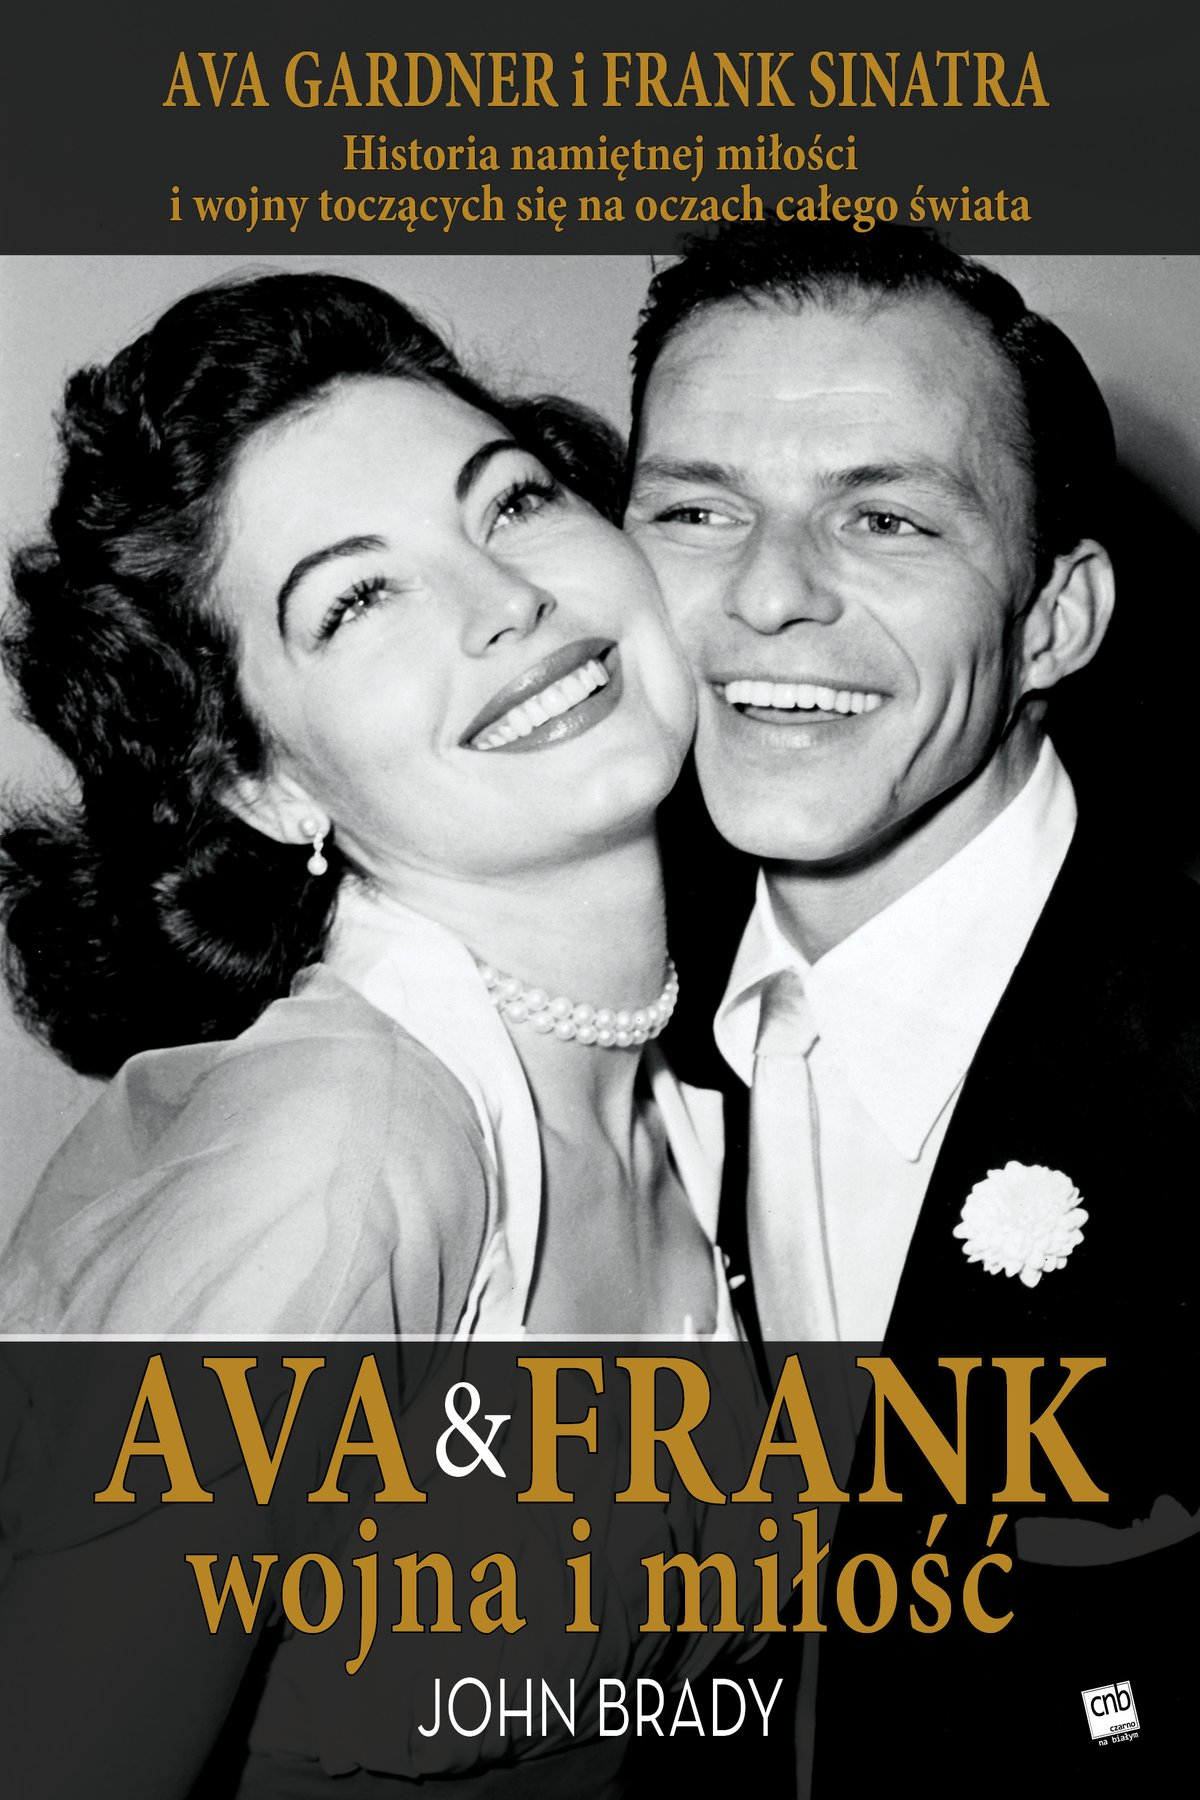 Ava&Frank: Wojna i miłość - Ebook (Książka na Kindle) do pobrania w formacie MOBI